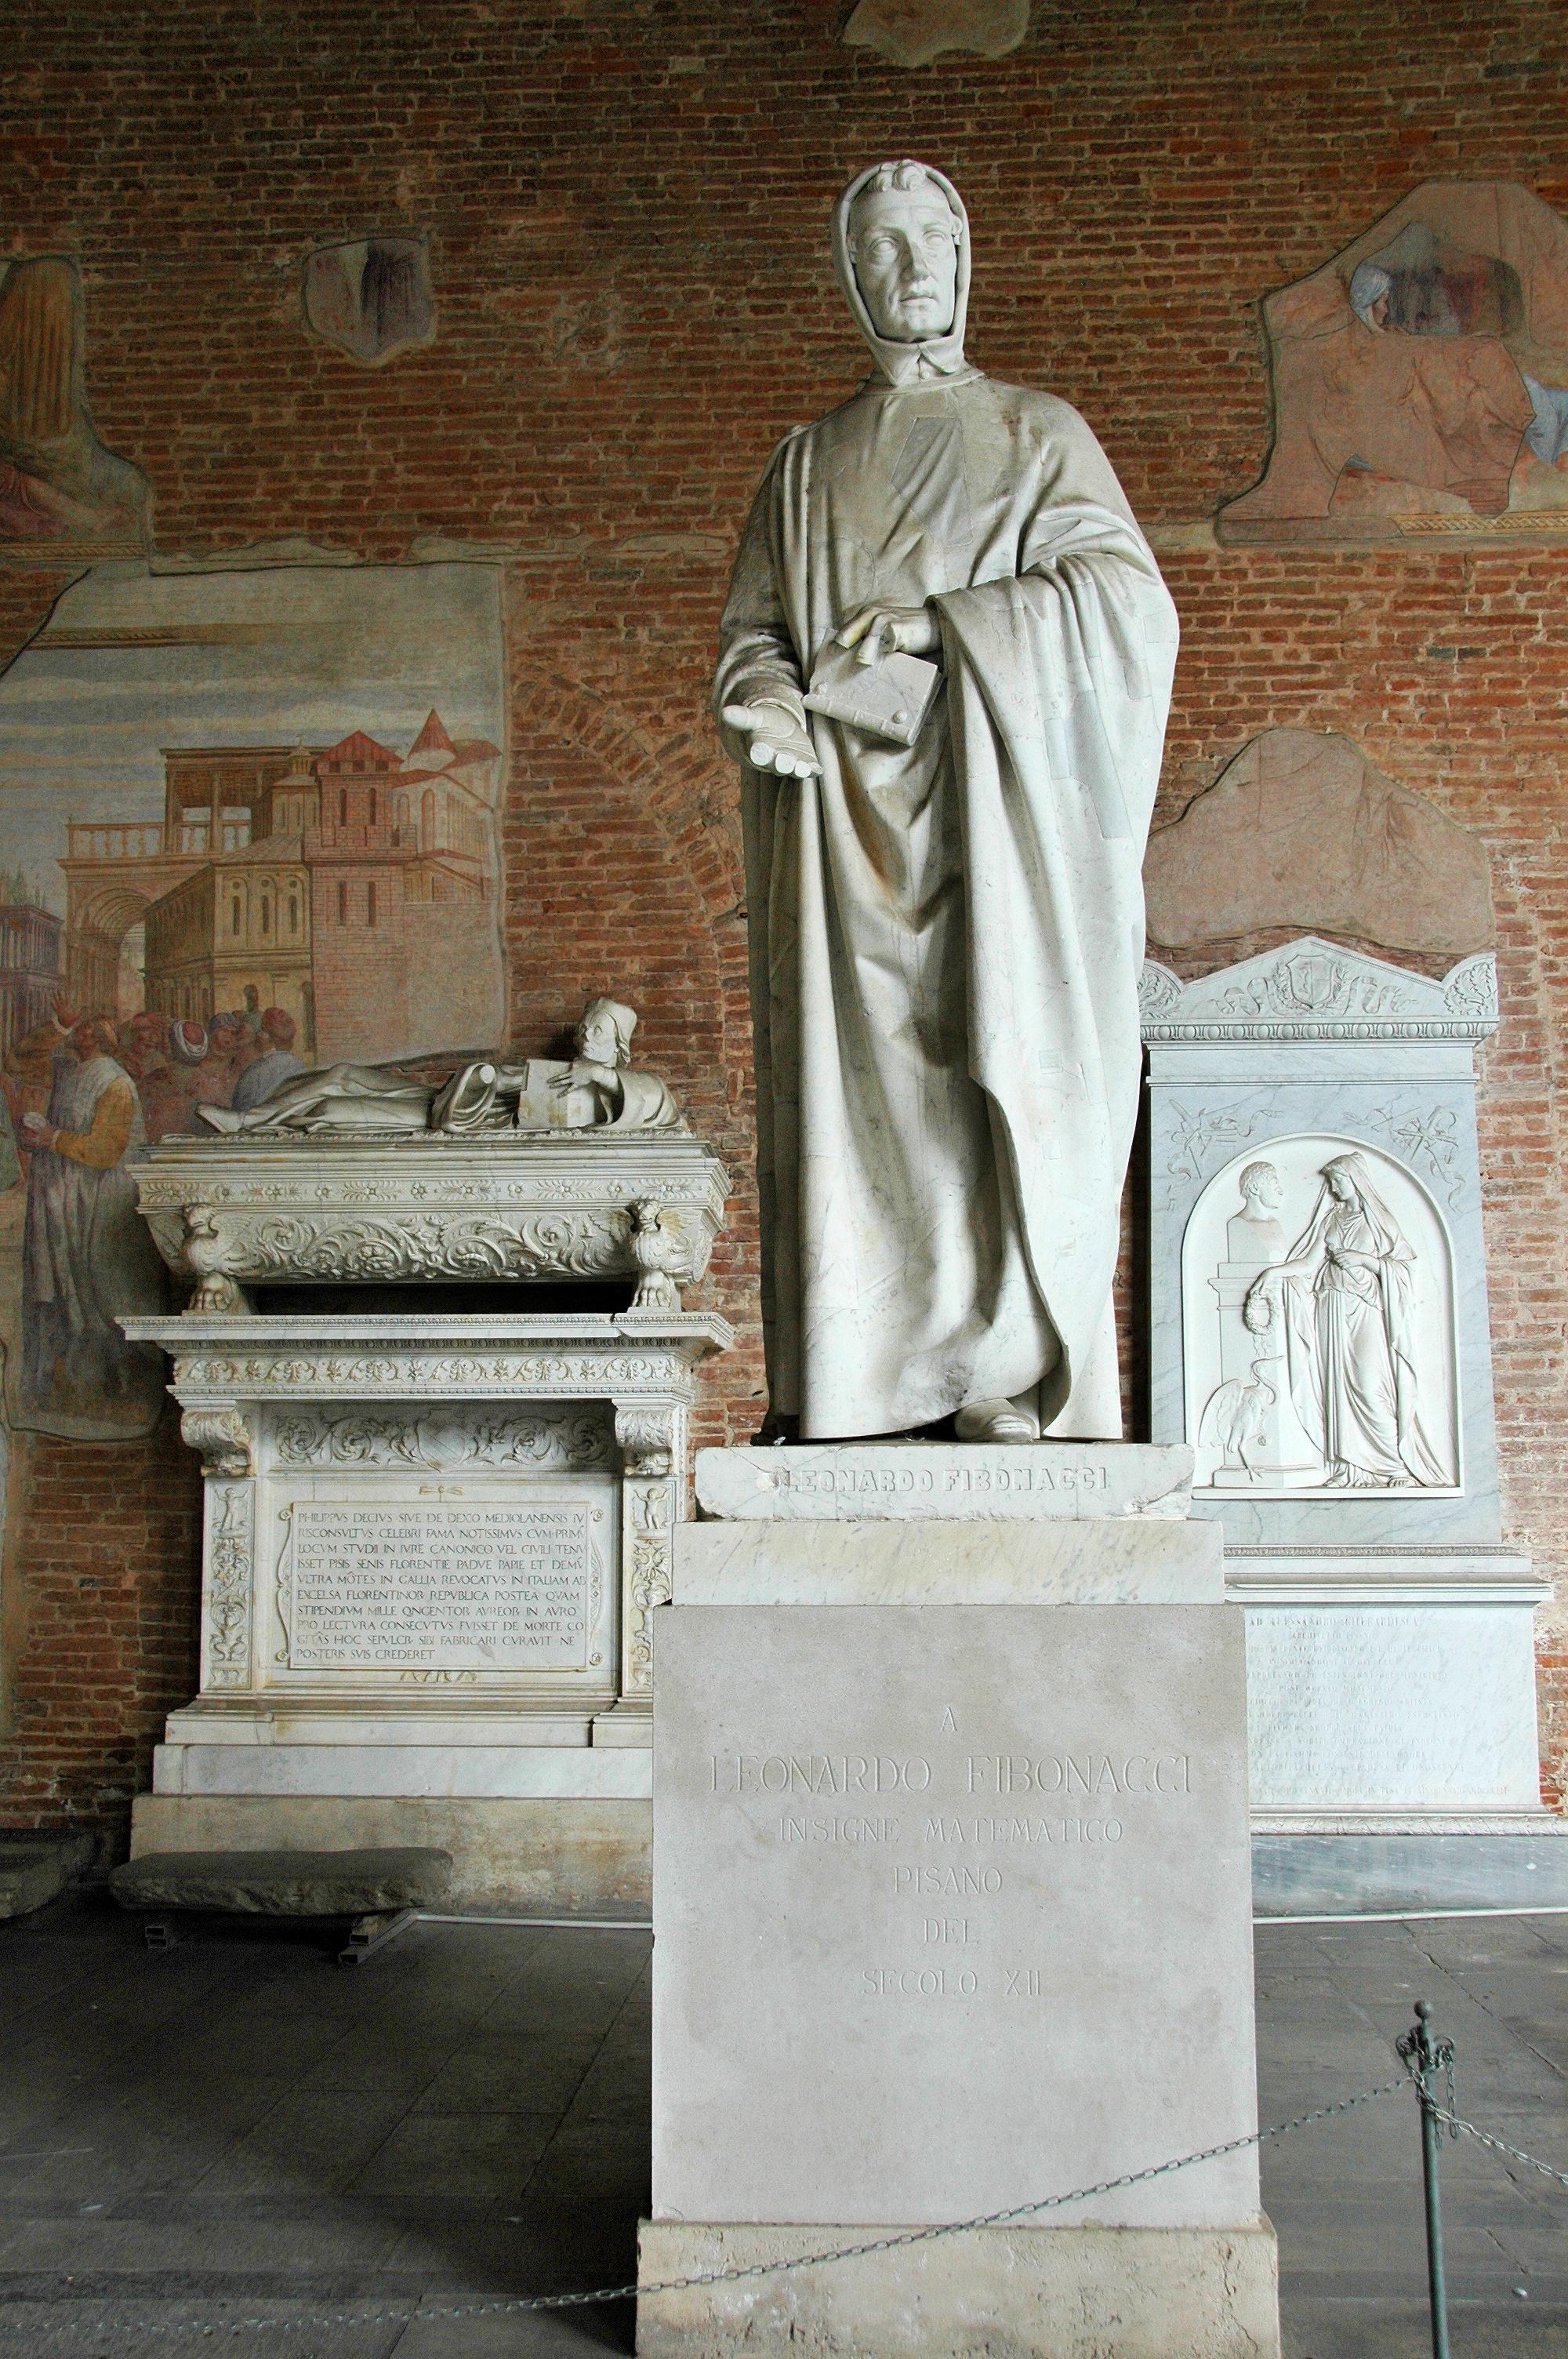 https://i2.wp.com/upload.wikimedia.org/wikipedia/commons/8/8e/Leonardo_da_Pisa.jpg